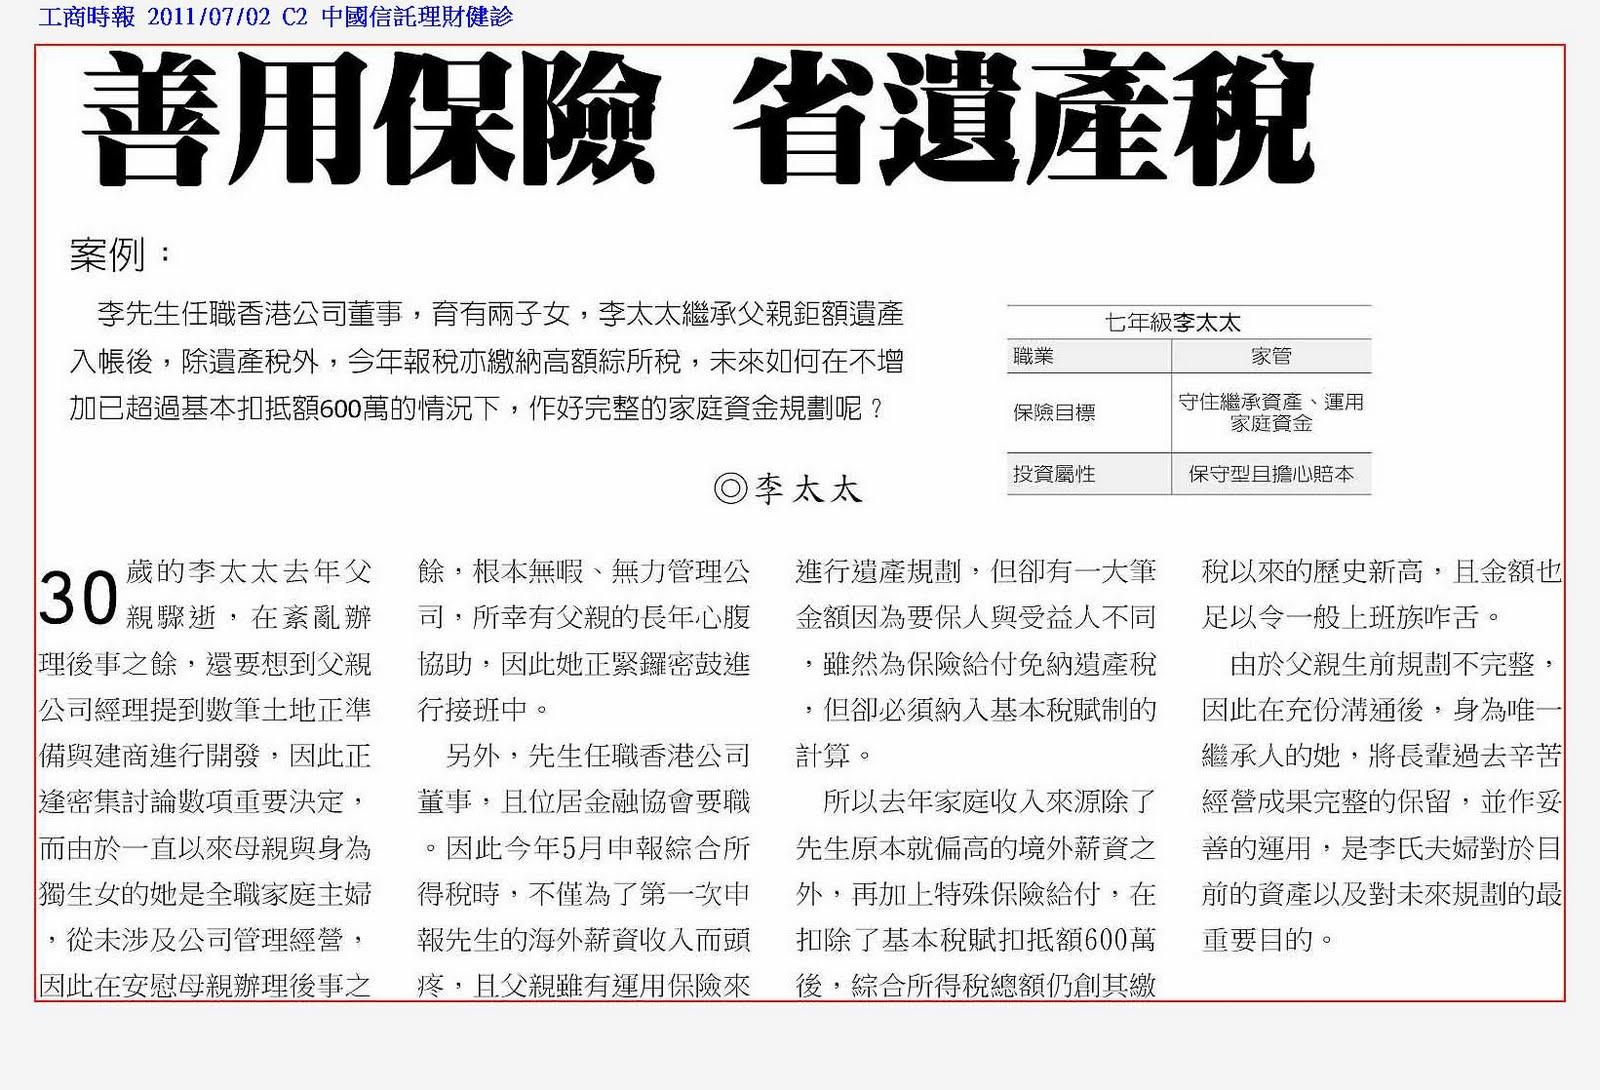 INEWS-剪報王: 善用保險省遺產稅